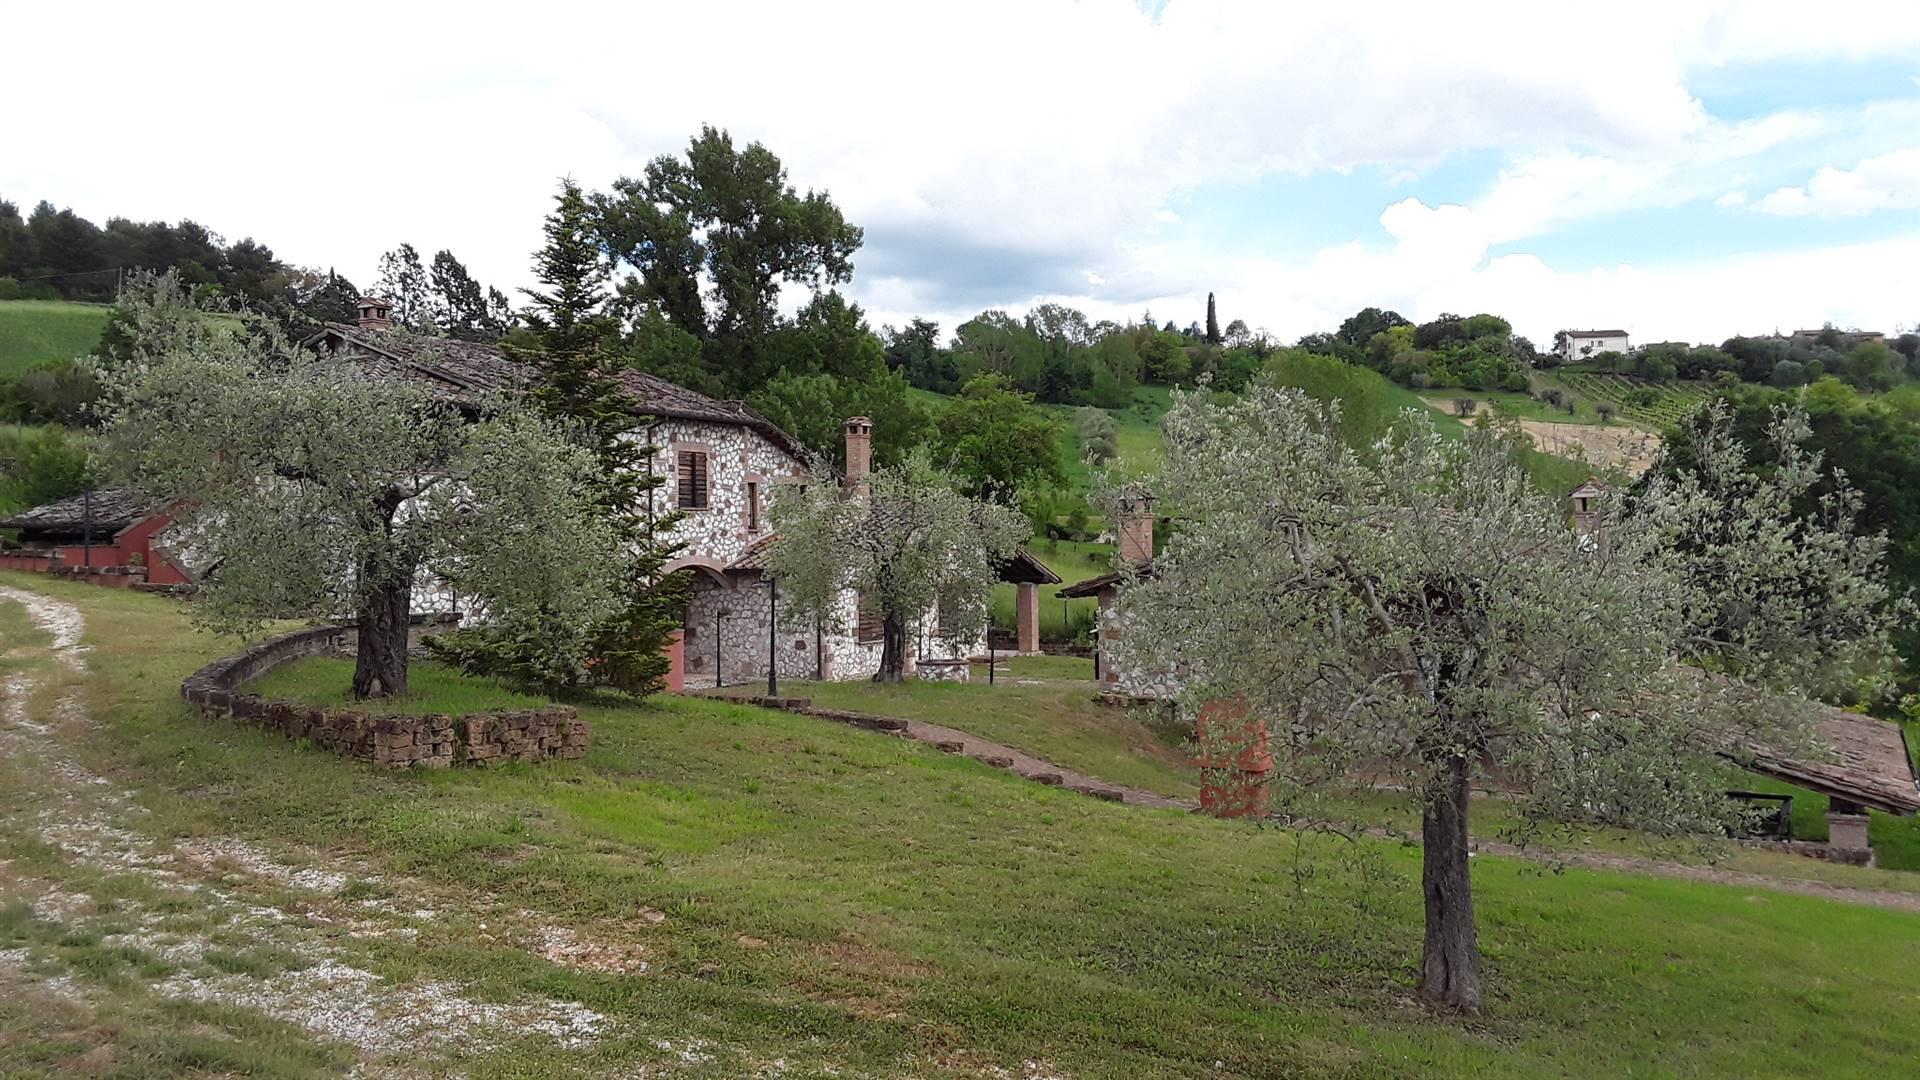 Agriturismo in vendita a Otricoli, 7 locali, zona Zona: Poggio, prezzo € 1.300.000 | CambioCasa.it